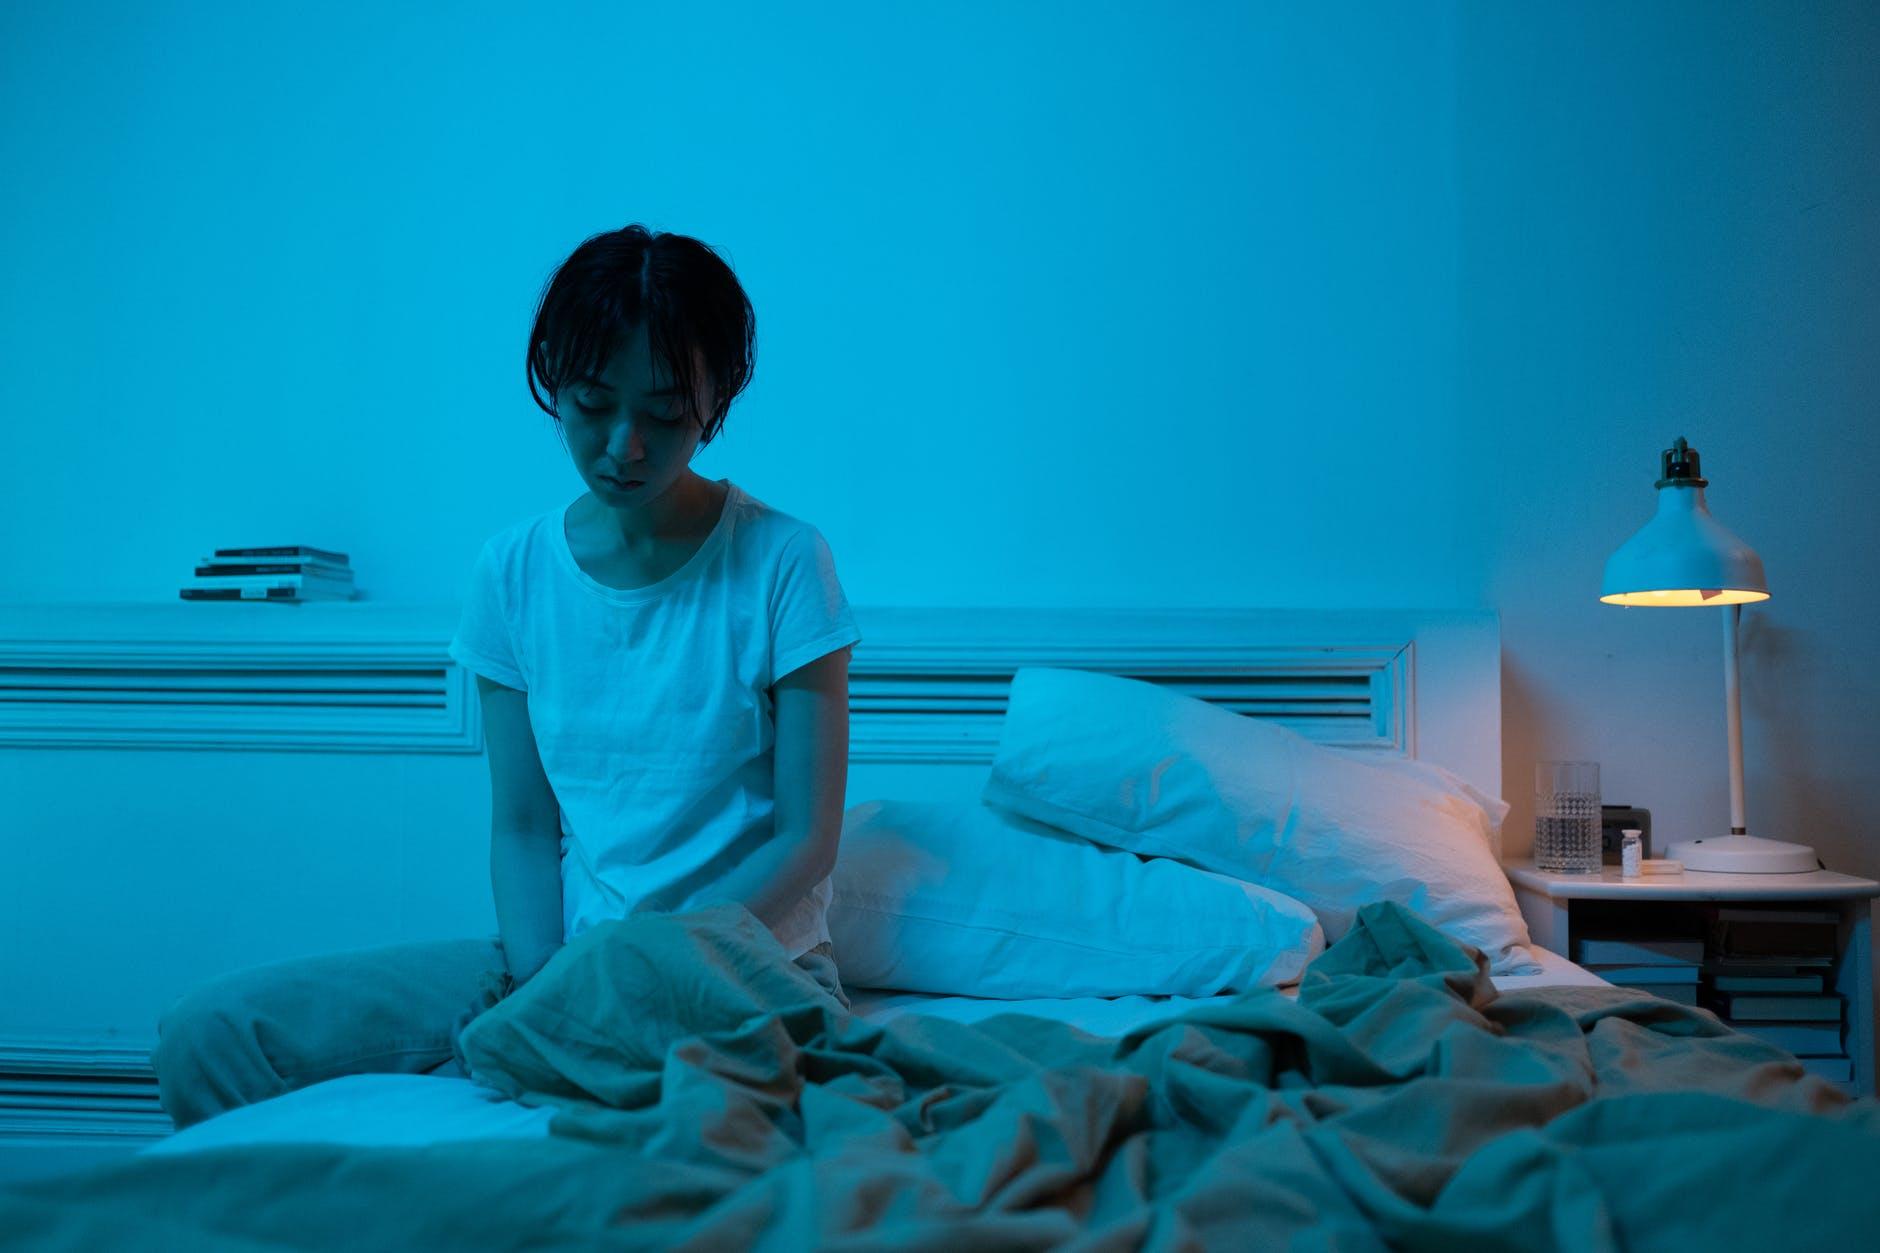 TSS e ricerca: una Singola Sessione di CBT di gruppo può essere efficace per il trattamento dell'insonnia?